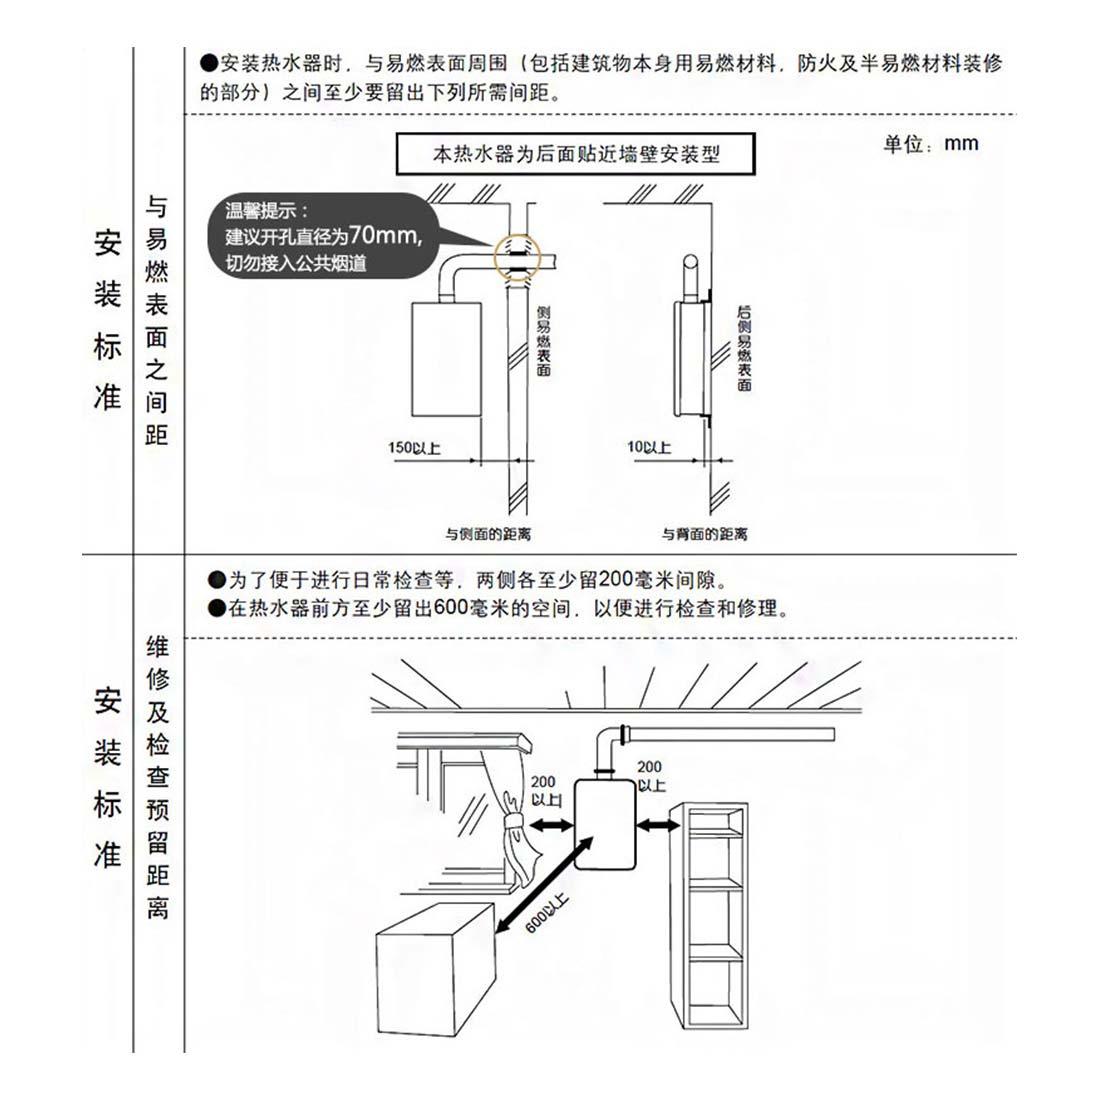 方太JSQ21-11AESS安装示意图